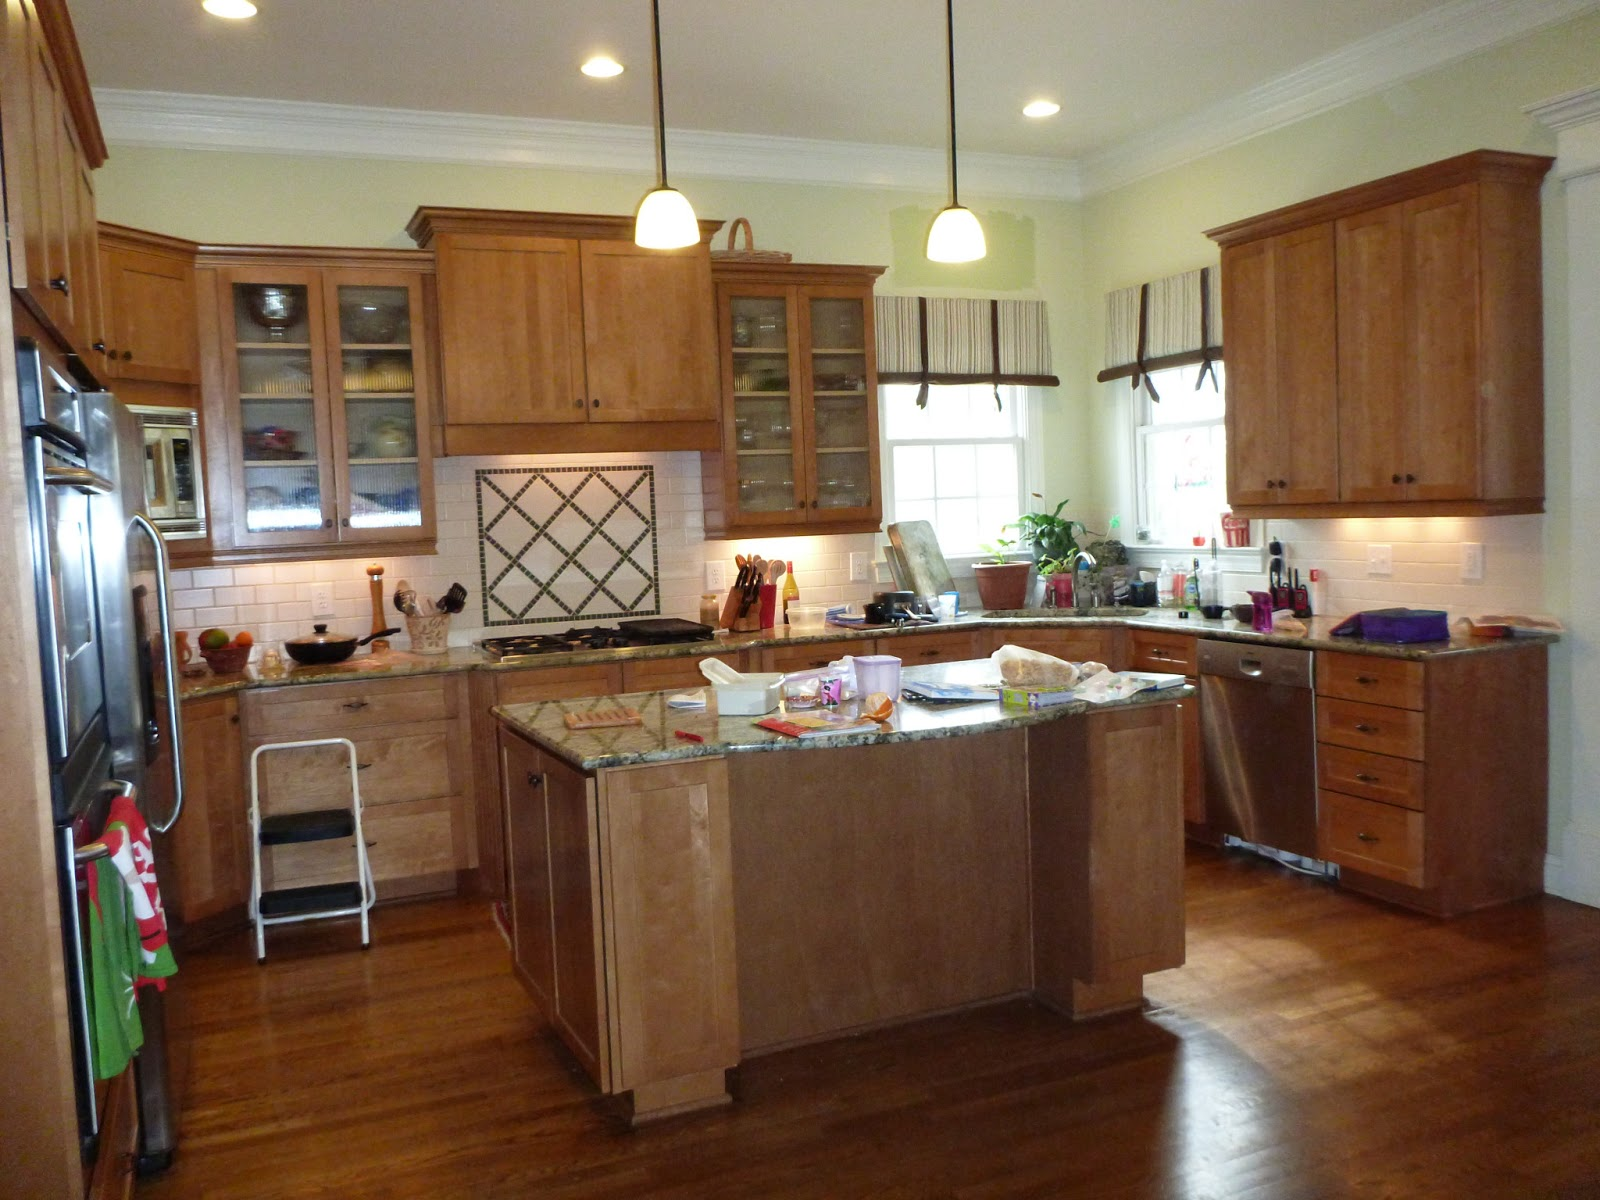 Peach kitchen ideas best free home design idea for Peach kitchen ideas